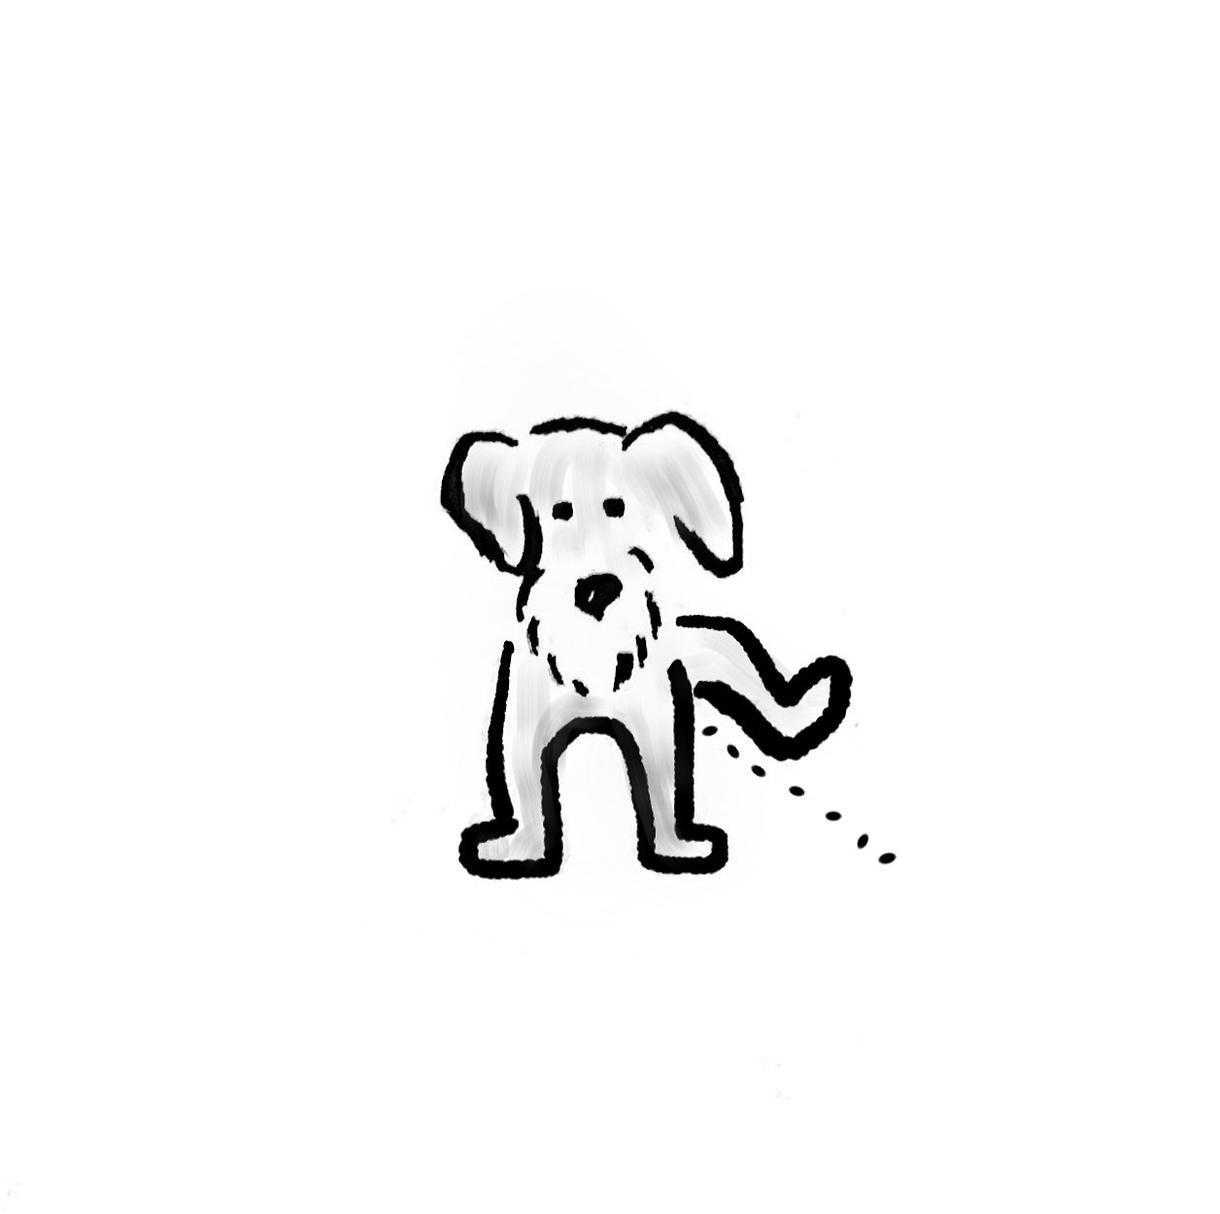 わんちゃんのゆるいデジタルイラストを描きます 是非お気軽にご依頼くださいませ! イメージ1